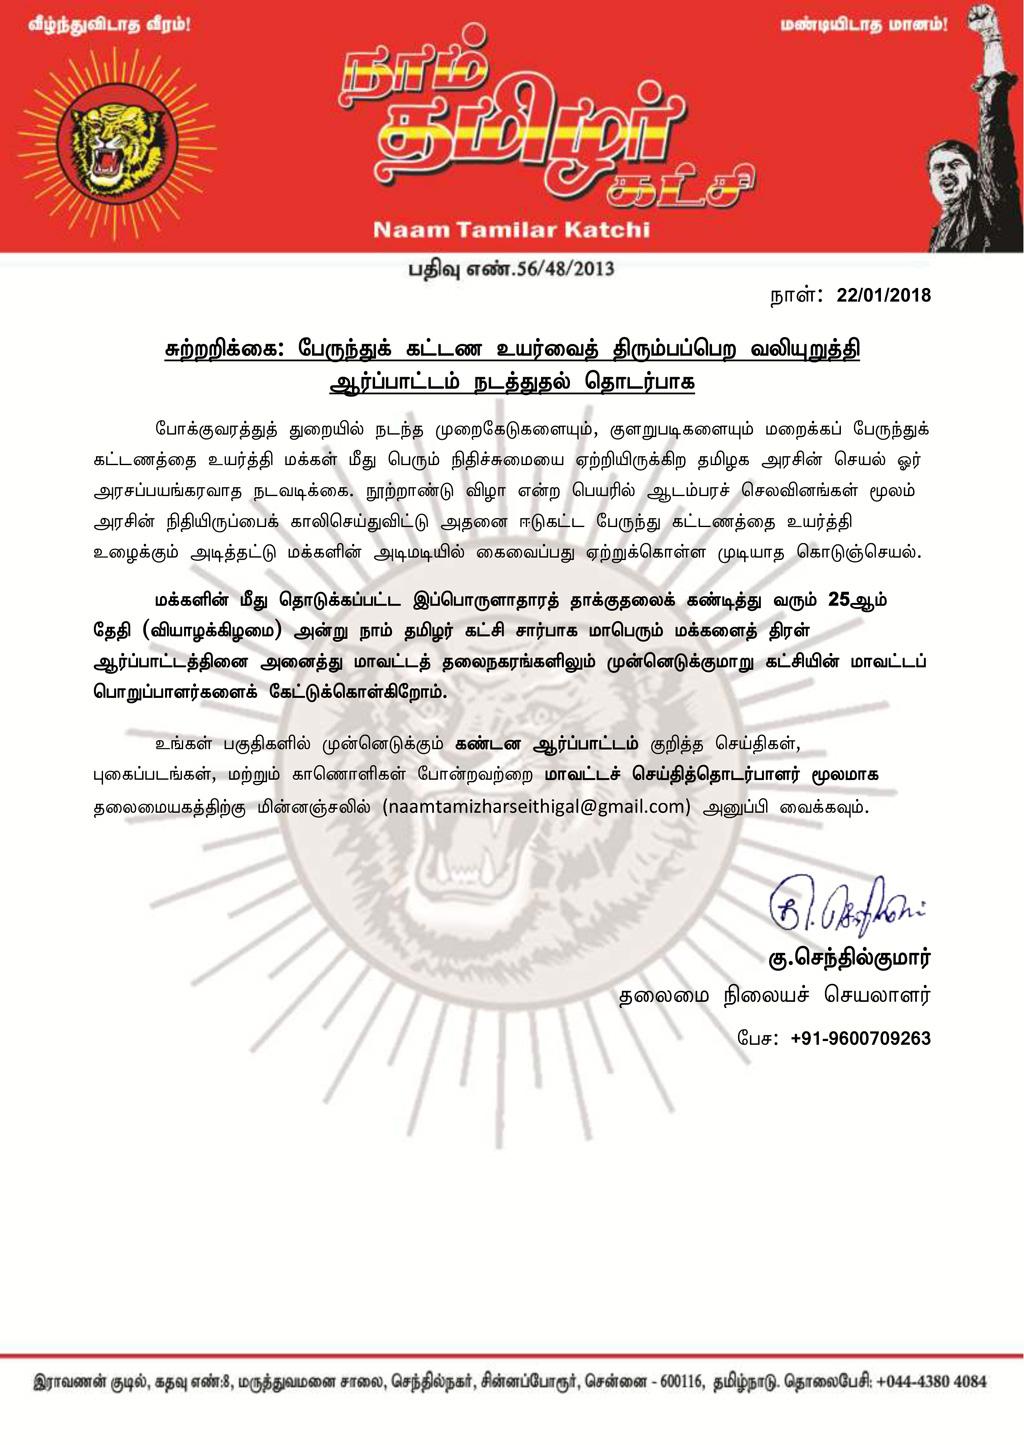 சுற்றறிக்கை: பேருந்துக் கட்டண உயர்வைத் திரும்பப்பெற வலியுறுத்தி ஆர்ப்பாட்டம் நடத்துதல் தொடர்பாக bus fare 22 01 2018 hike protest notification letter district members naam tamilar katchi